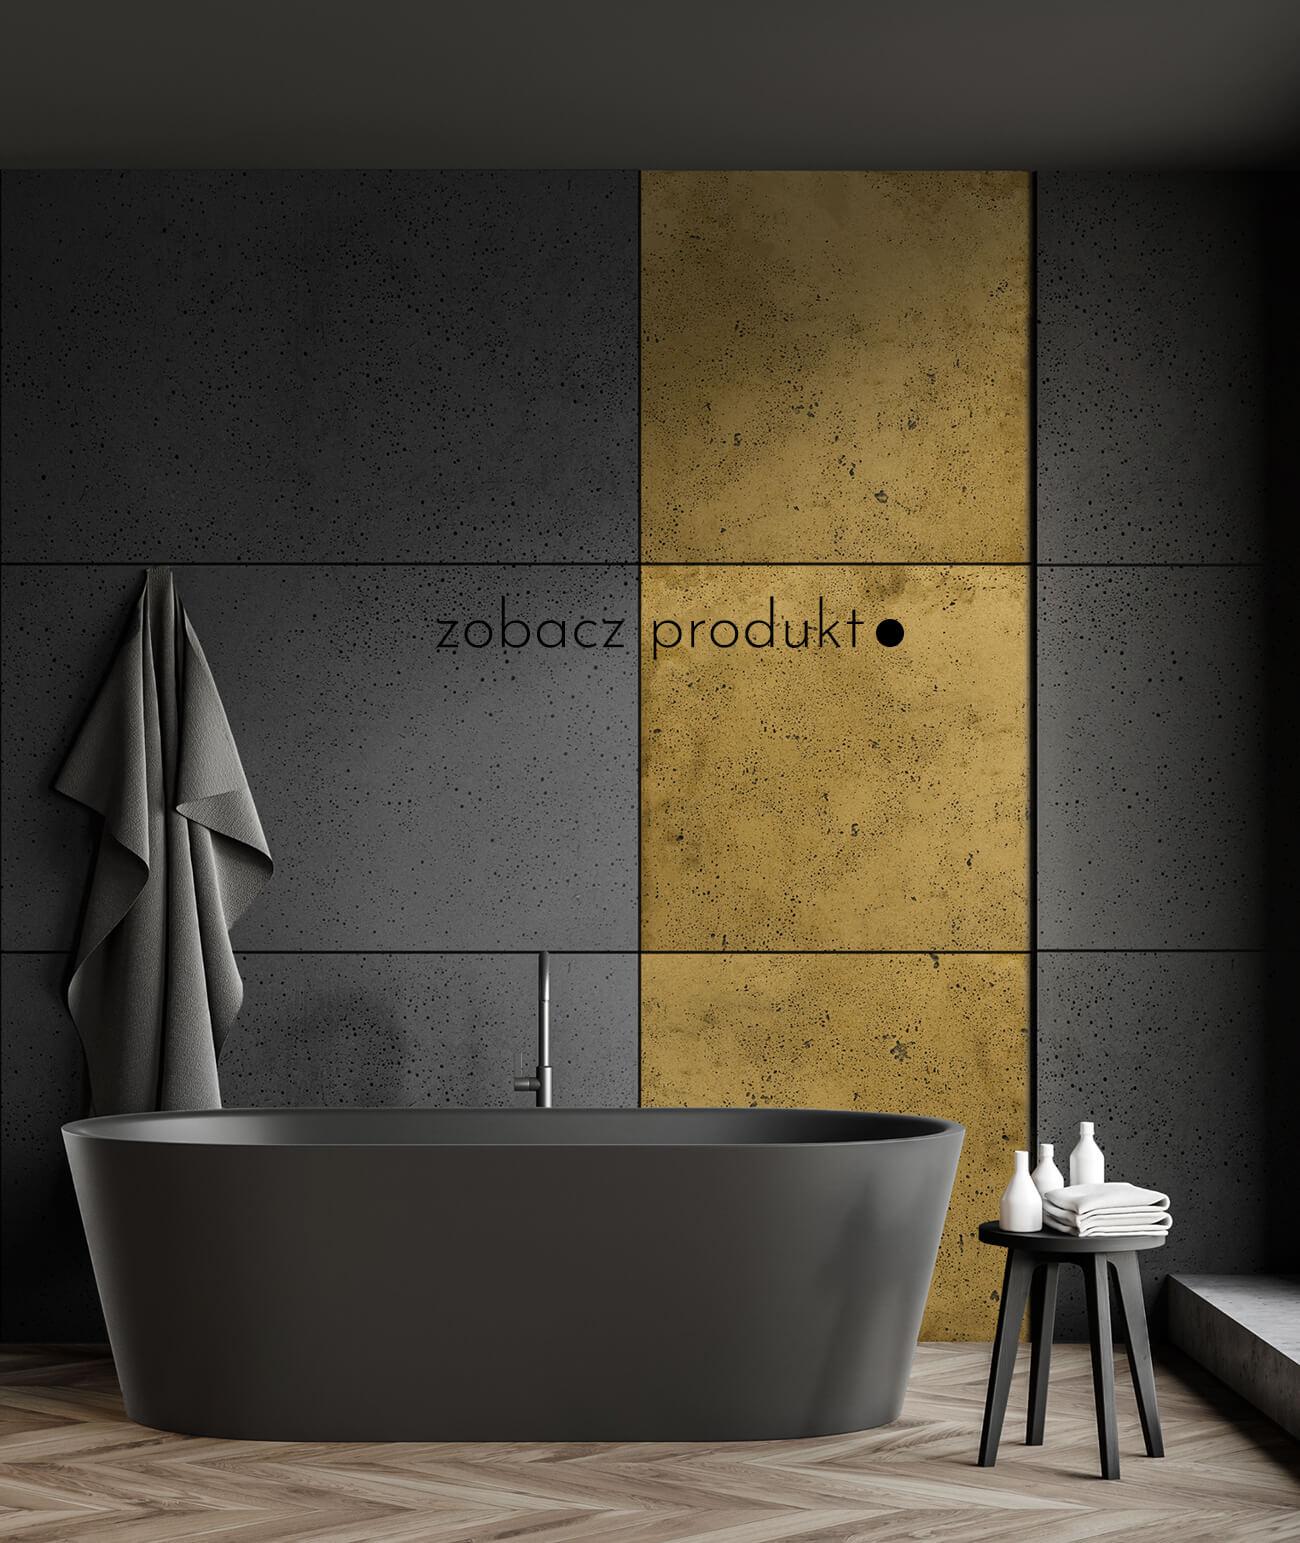 plyty-betonowe-scienne-i-elewacyjne-beton-architektoniczny_550-3501-2bt-plyta-beton-architektoniczny-8-mm-air-pokryta-mosiadzem